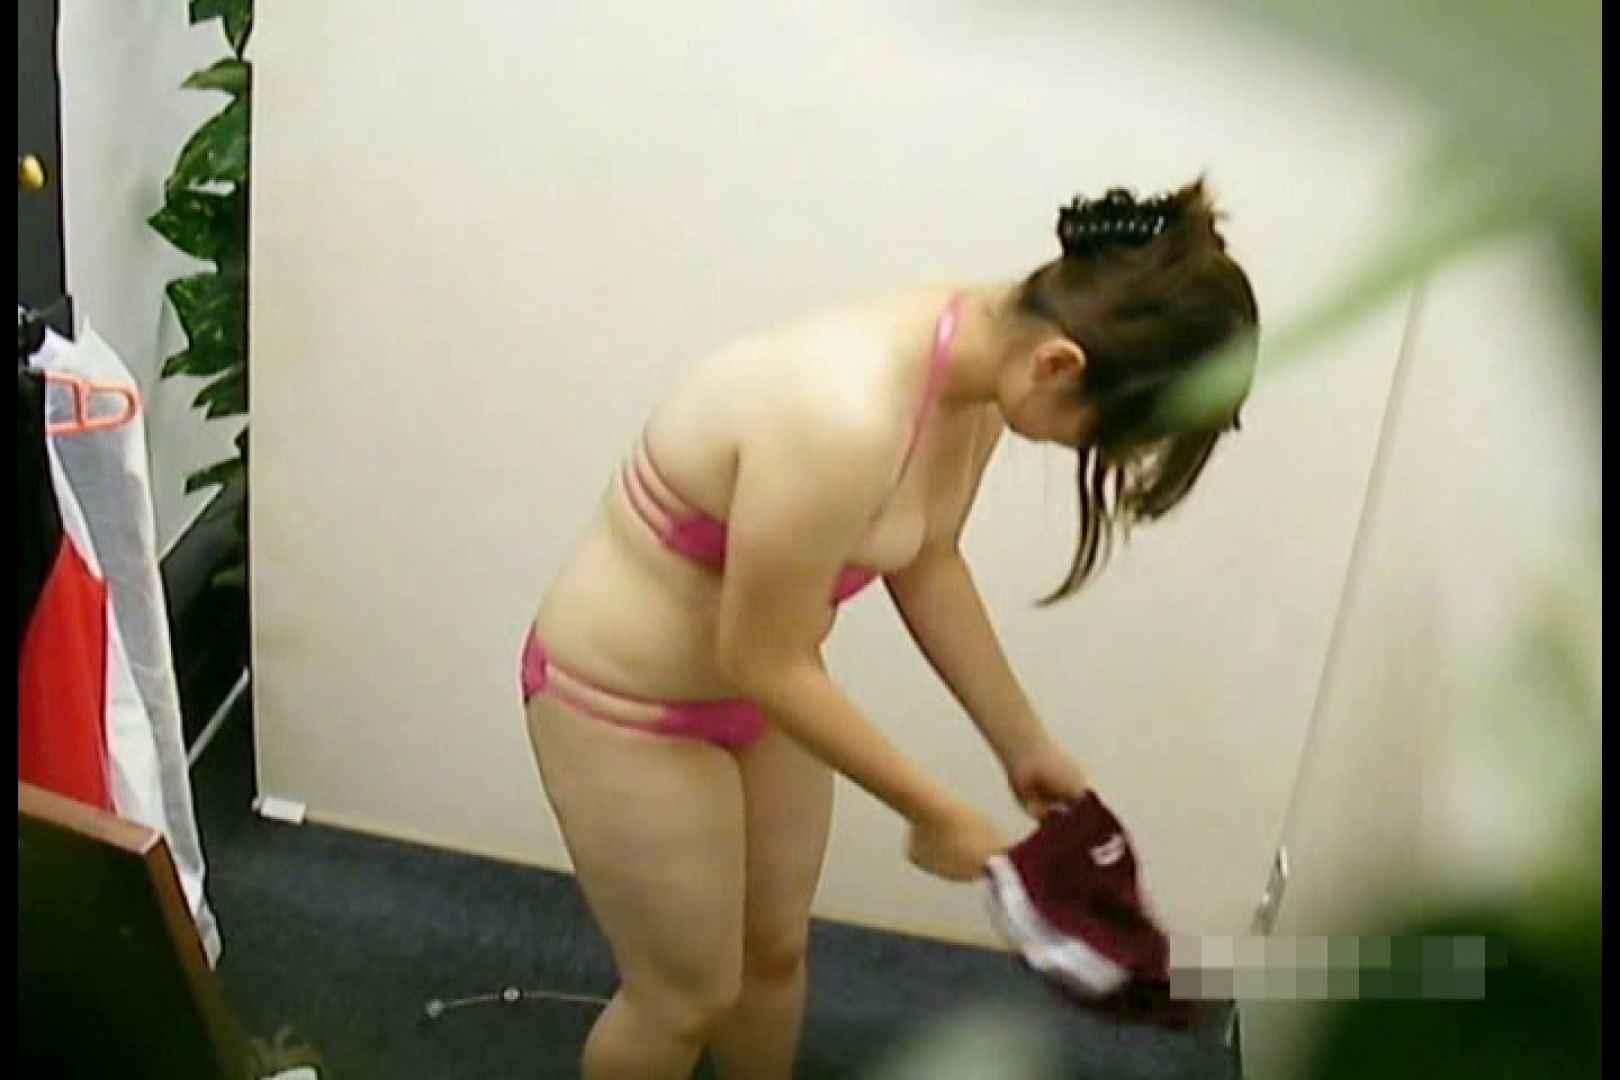 素人撮影 下着だけの撮影のはずが・・・えりか18歳 巨乳特別編 SEX無修正画像 112枚 63